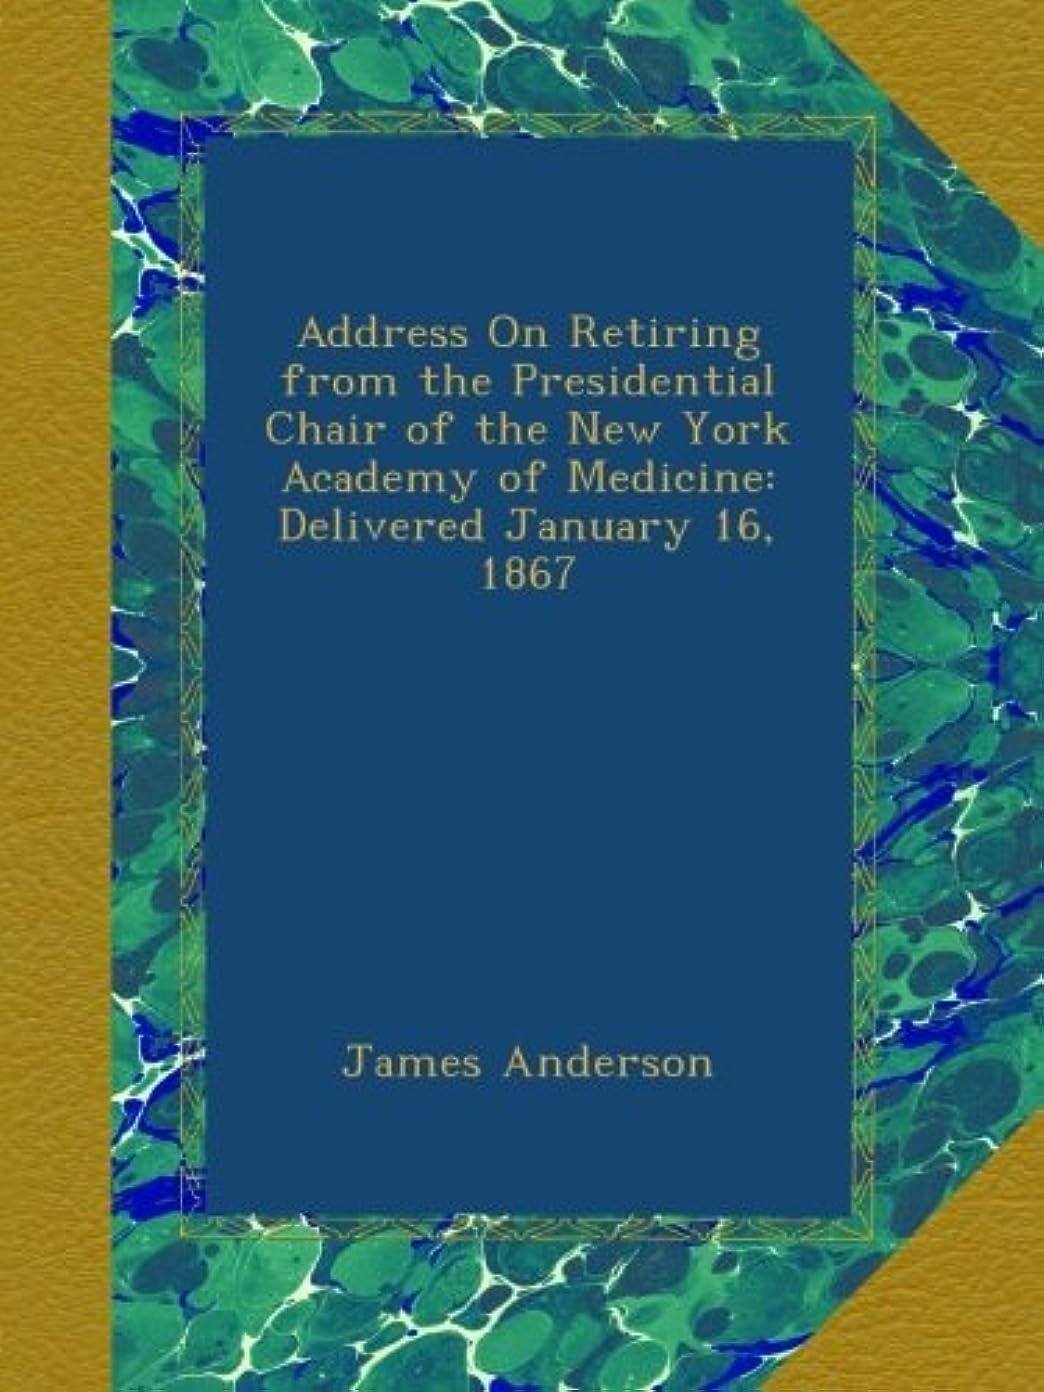 何十人も判決商業のAddress On Retiring from the Presidential Chair of the New York Academy of Medicine: Delivered January 16, 1867